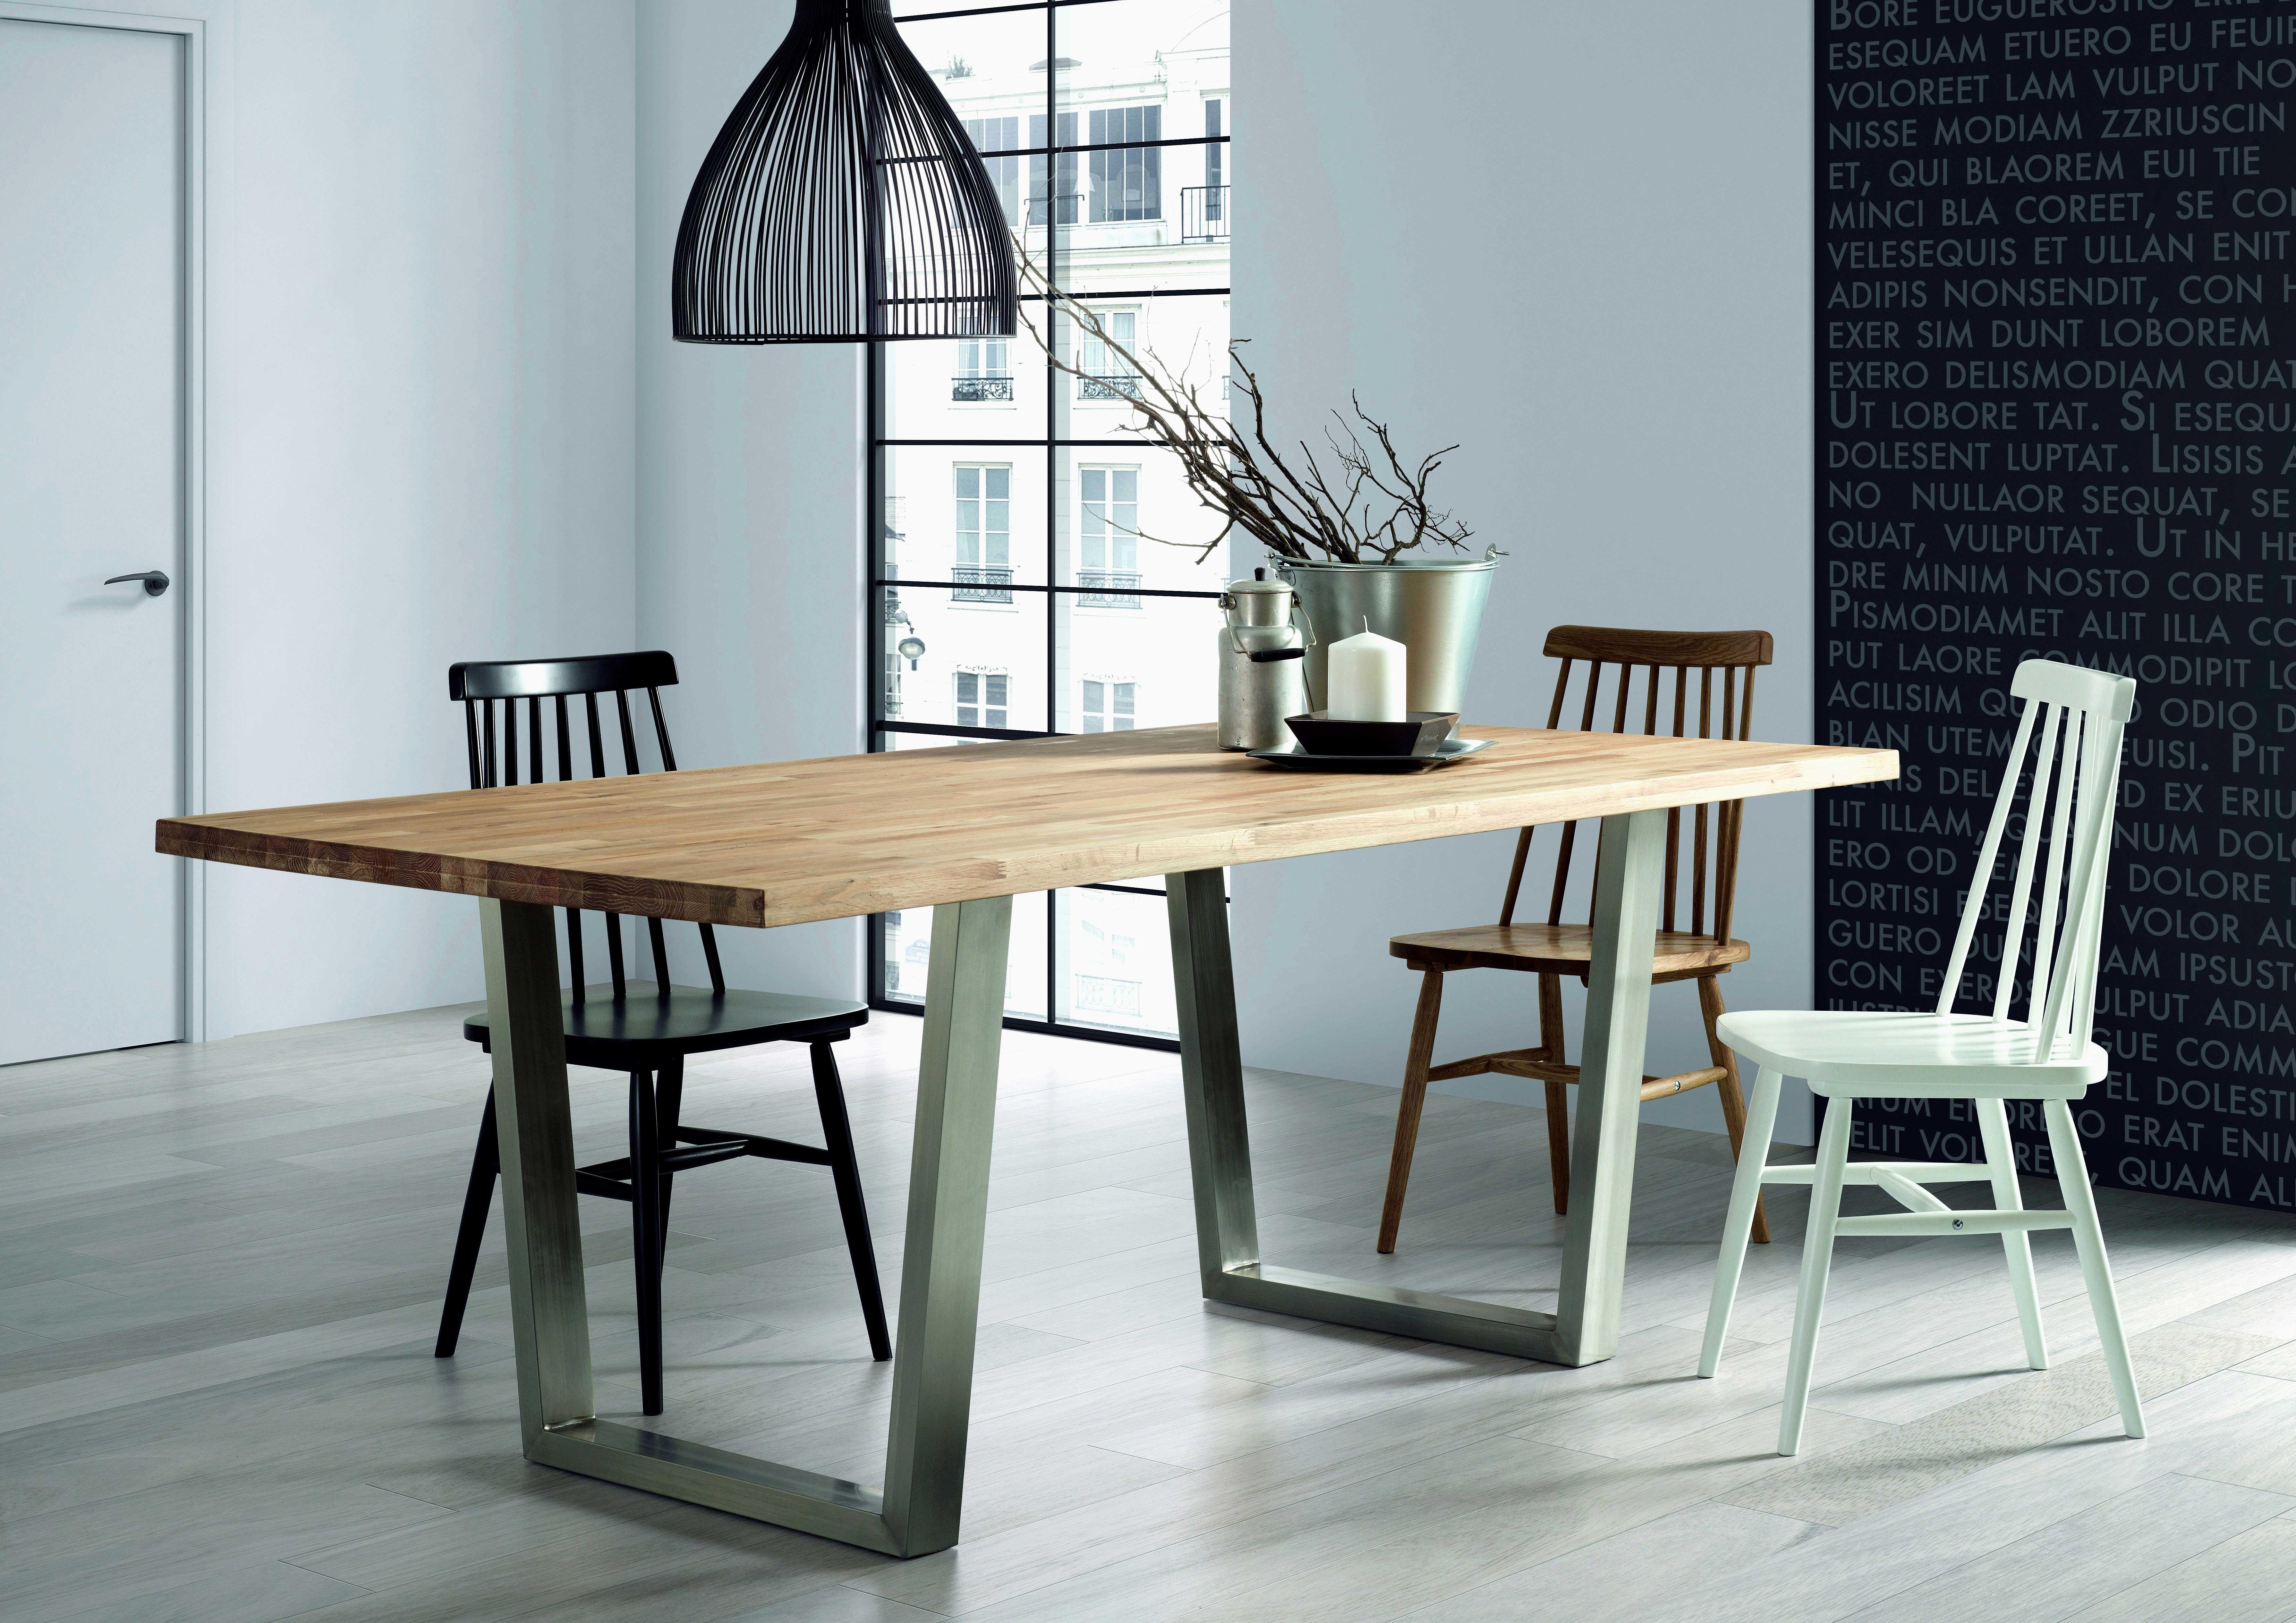 Meuble Tv Table Basse Assorti ensemble meuble tv et table basse meuble tv table basse